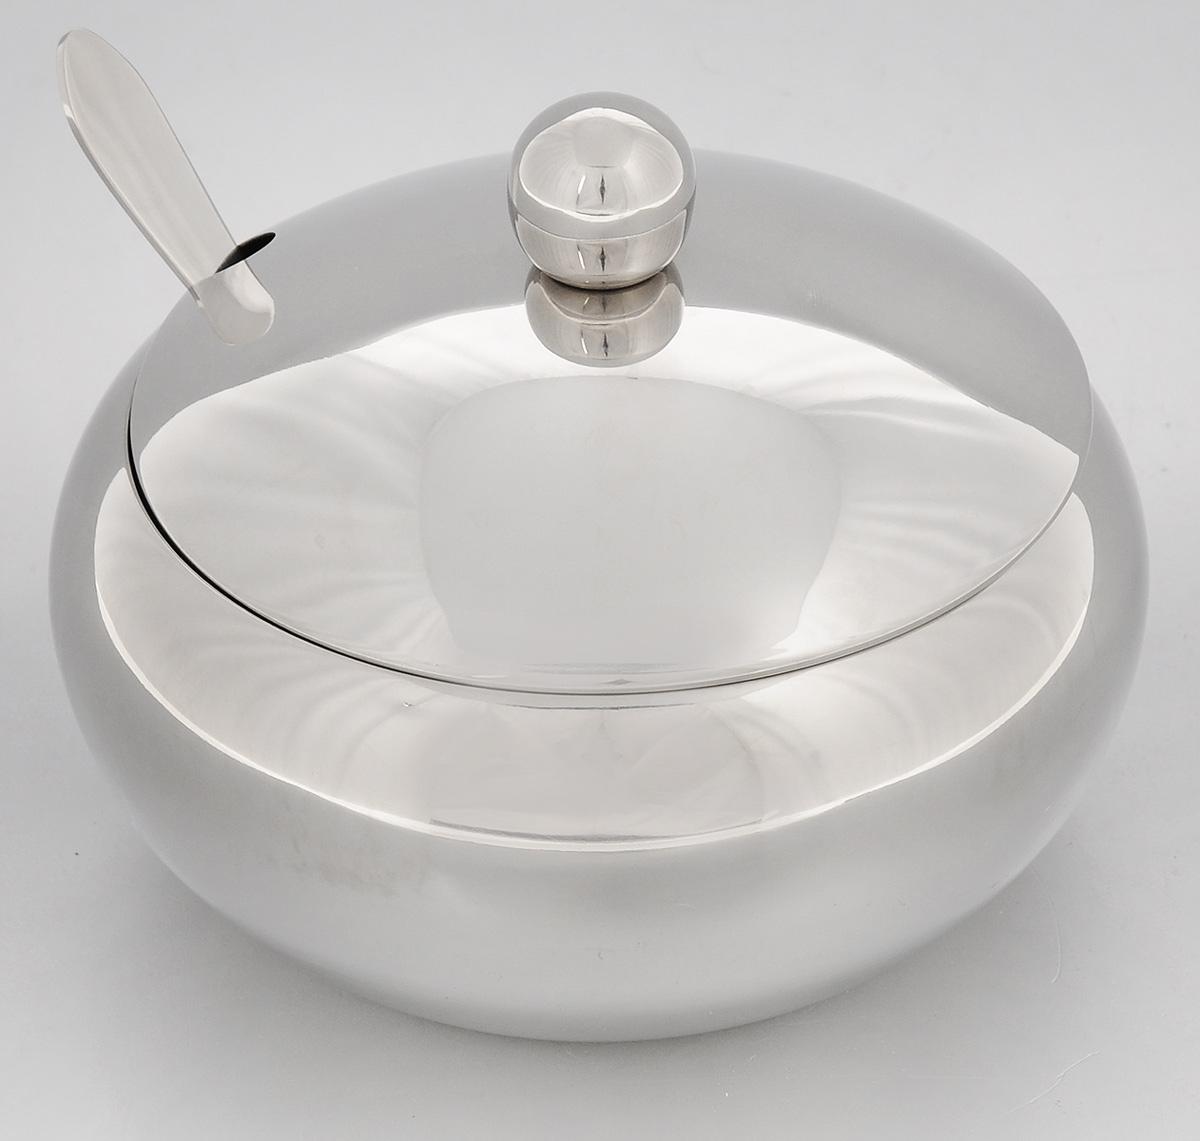 Сахарница Mayer & Boch, с ложкой, 560 мл. 28242824Сахарница Mayer & Boch изготовлена из высококачественной нержавеющей стали 18/10 с зеркальной полировкой. Изделие снабжено крышкой и ложкой. Сахарница стильного современного дизайна прекрасно впишется в интерьер вашей кухни. Диаметр по верхнему краю: 11 см. Высота (без учета крышки): 6,5 см. Длина ложки: 13,5 см.